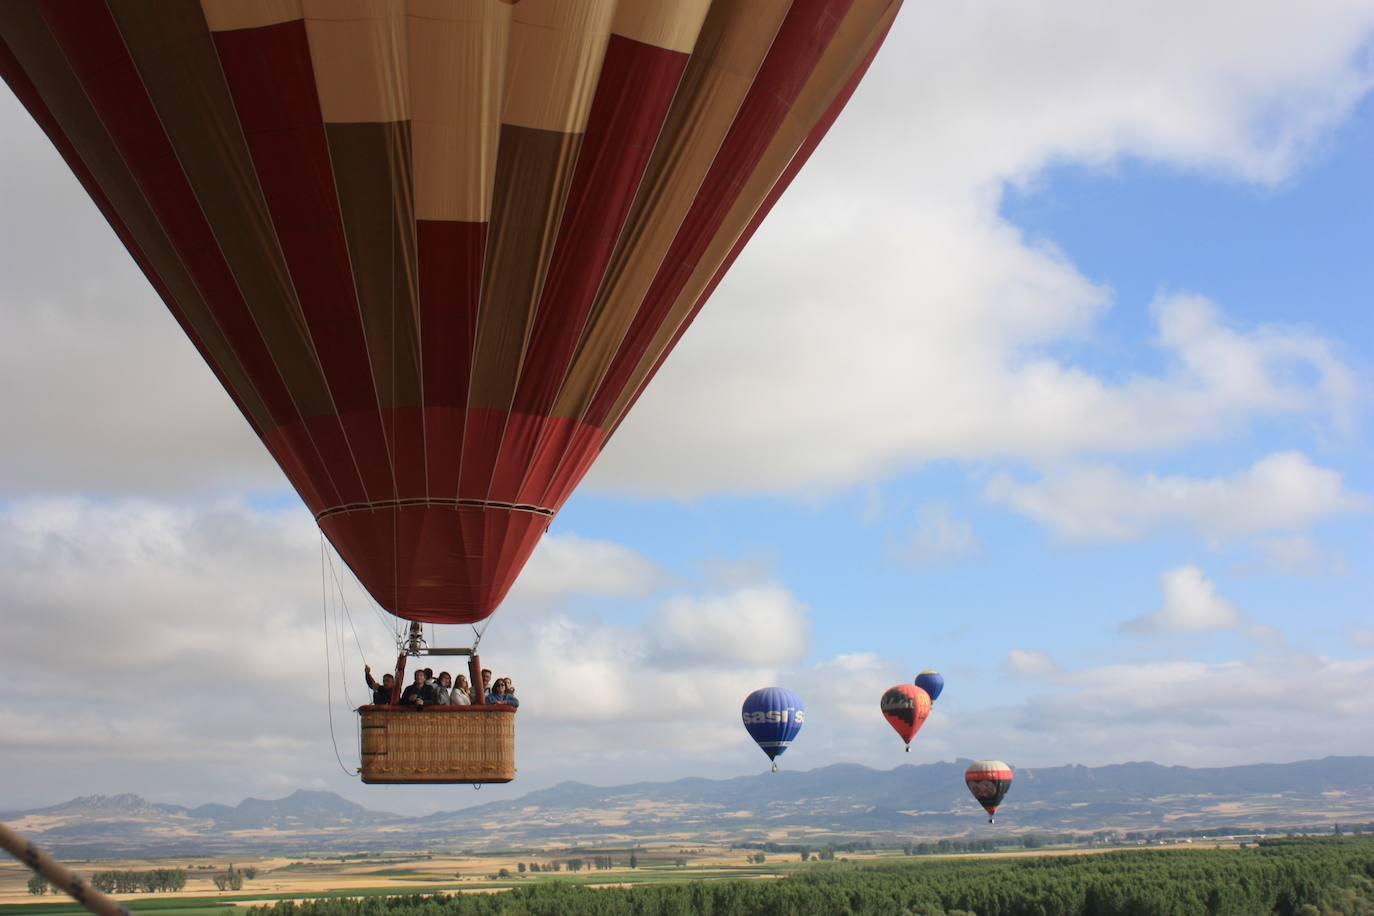 La regata Crianza de Rioja arranca 'a medias' por culpa del fuerte viento